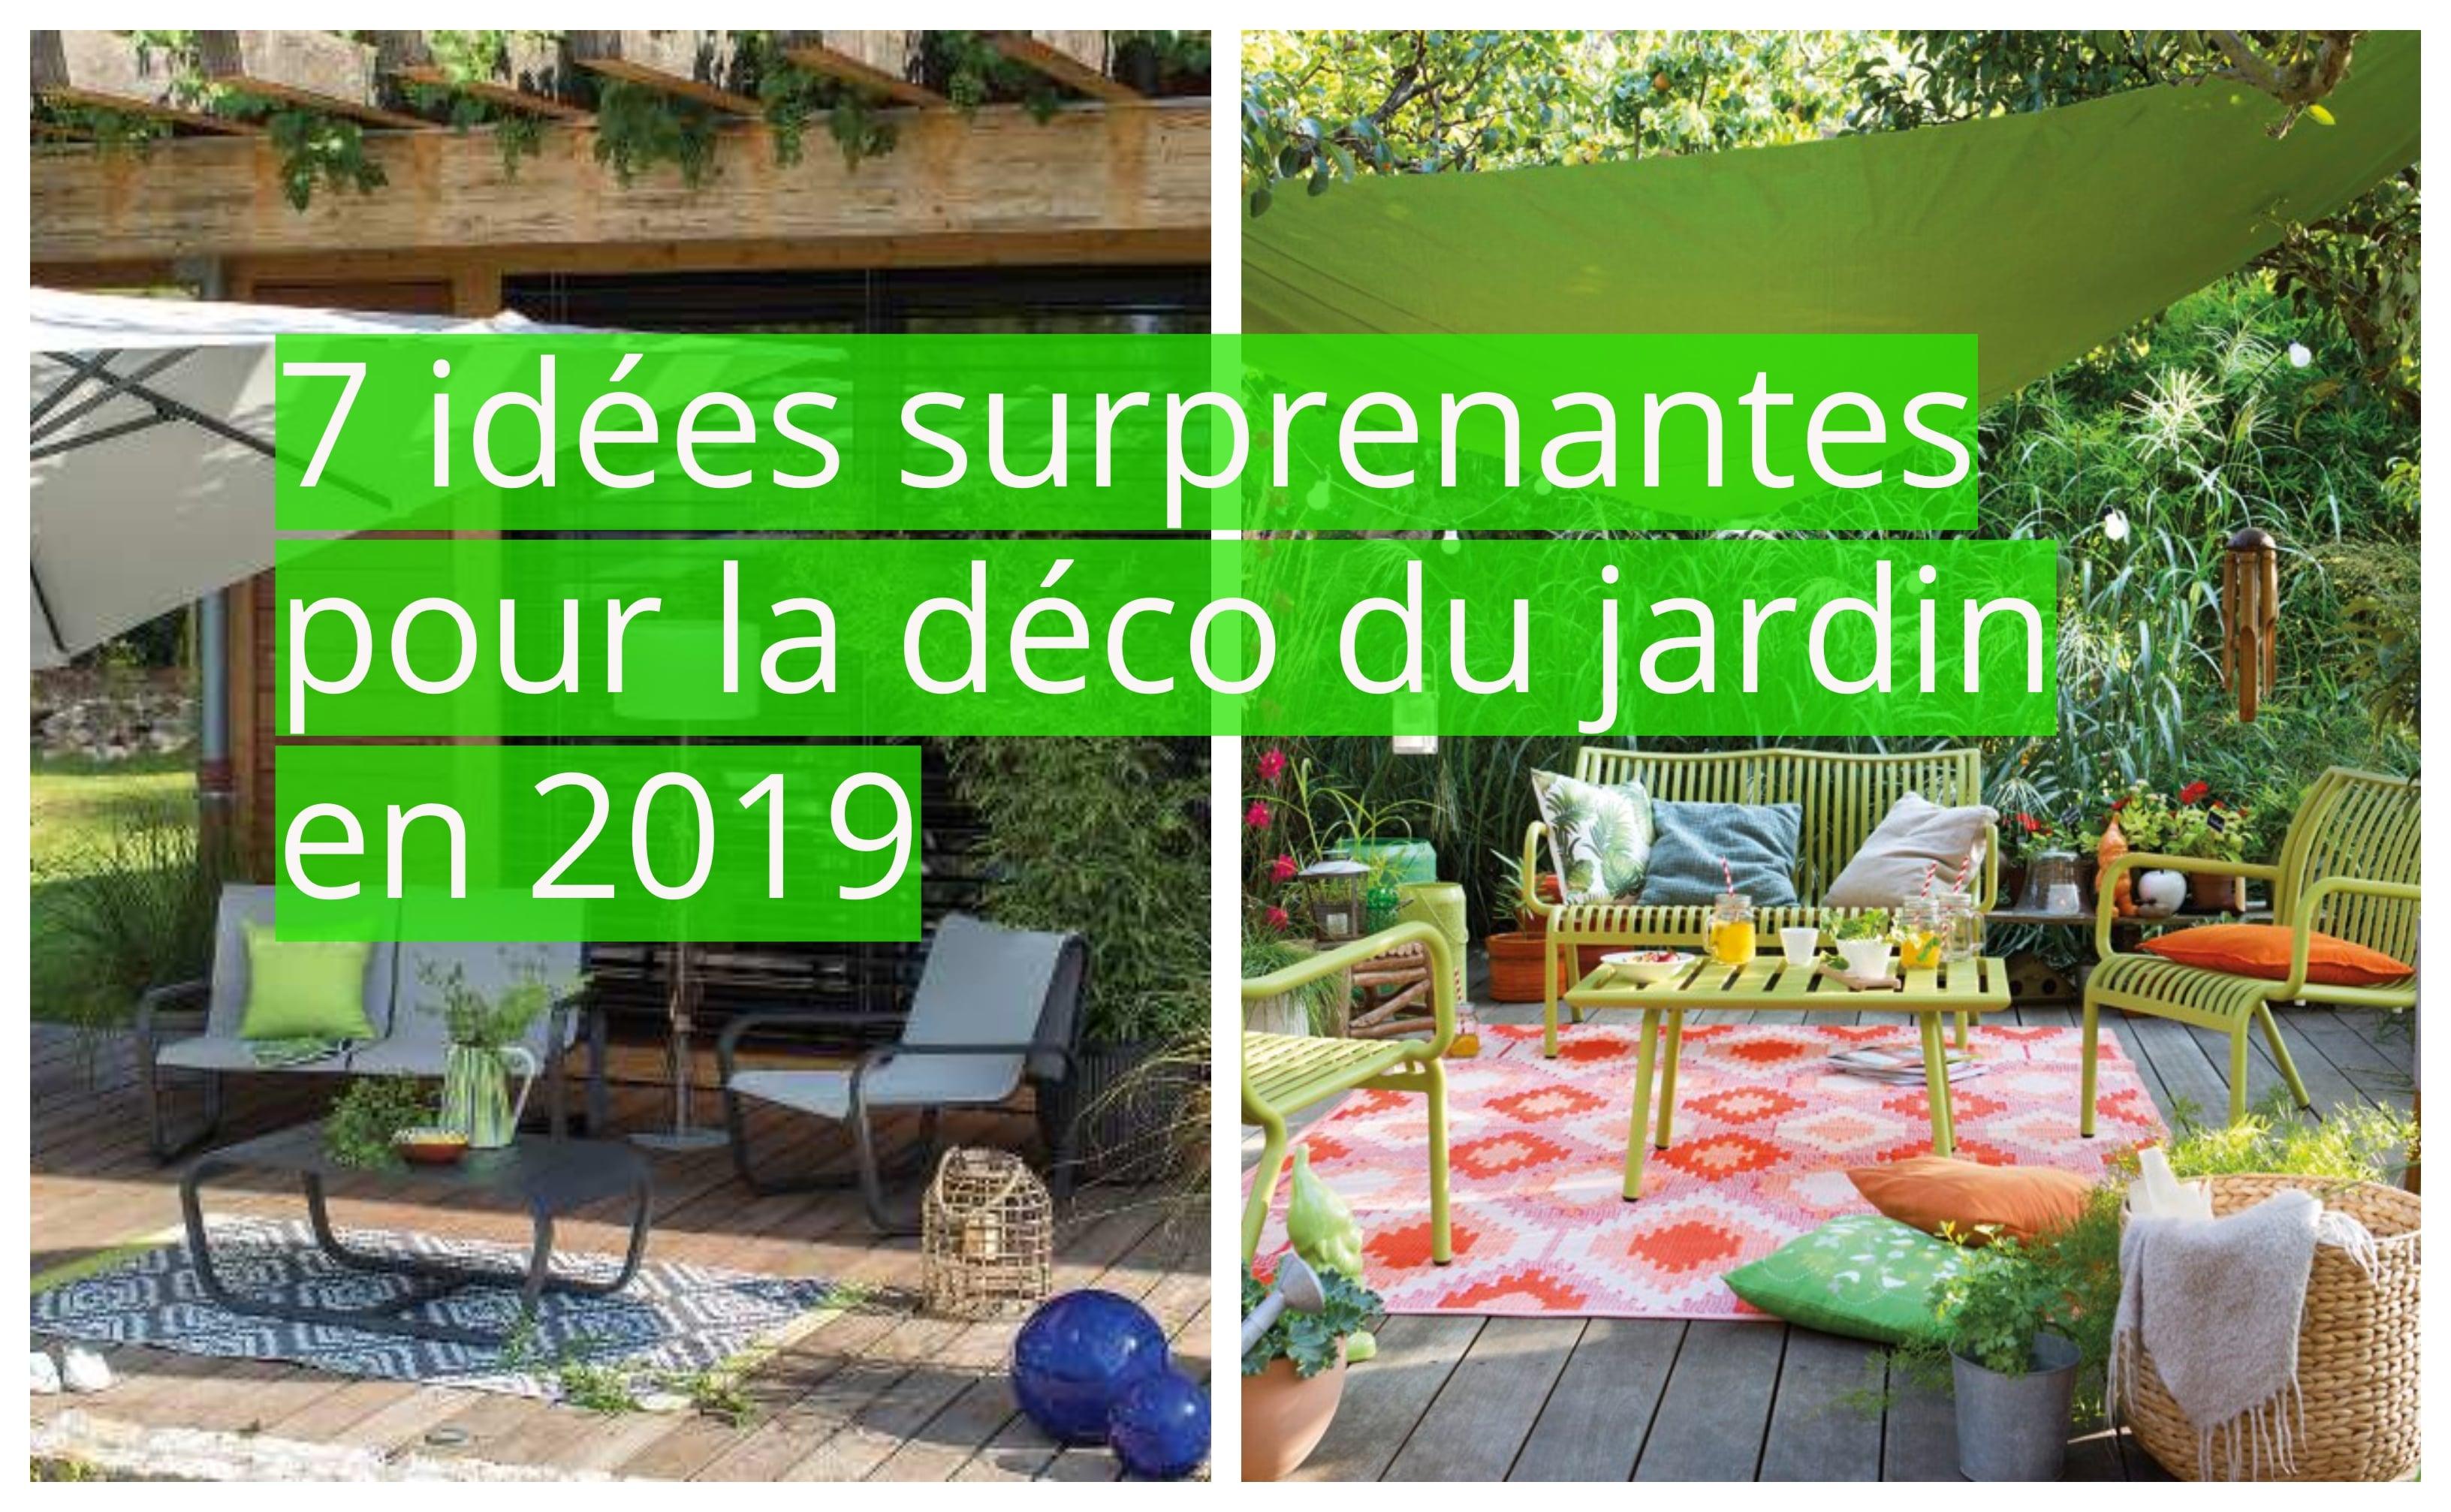 Idee Deco Palette Jardin 7 idées surprenantes pour la déco du jardin en 2019